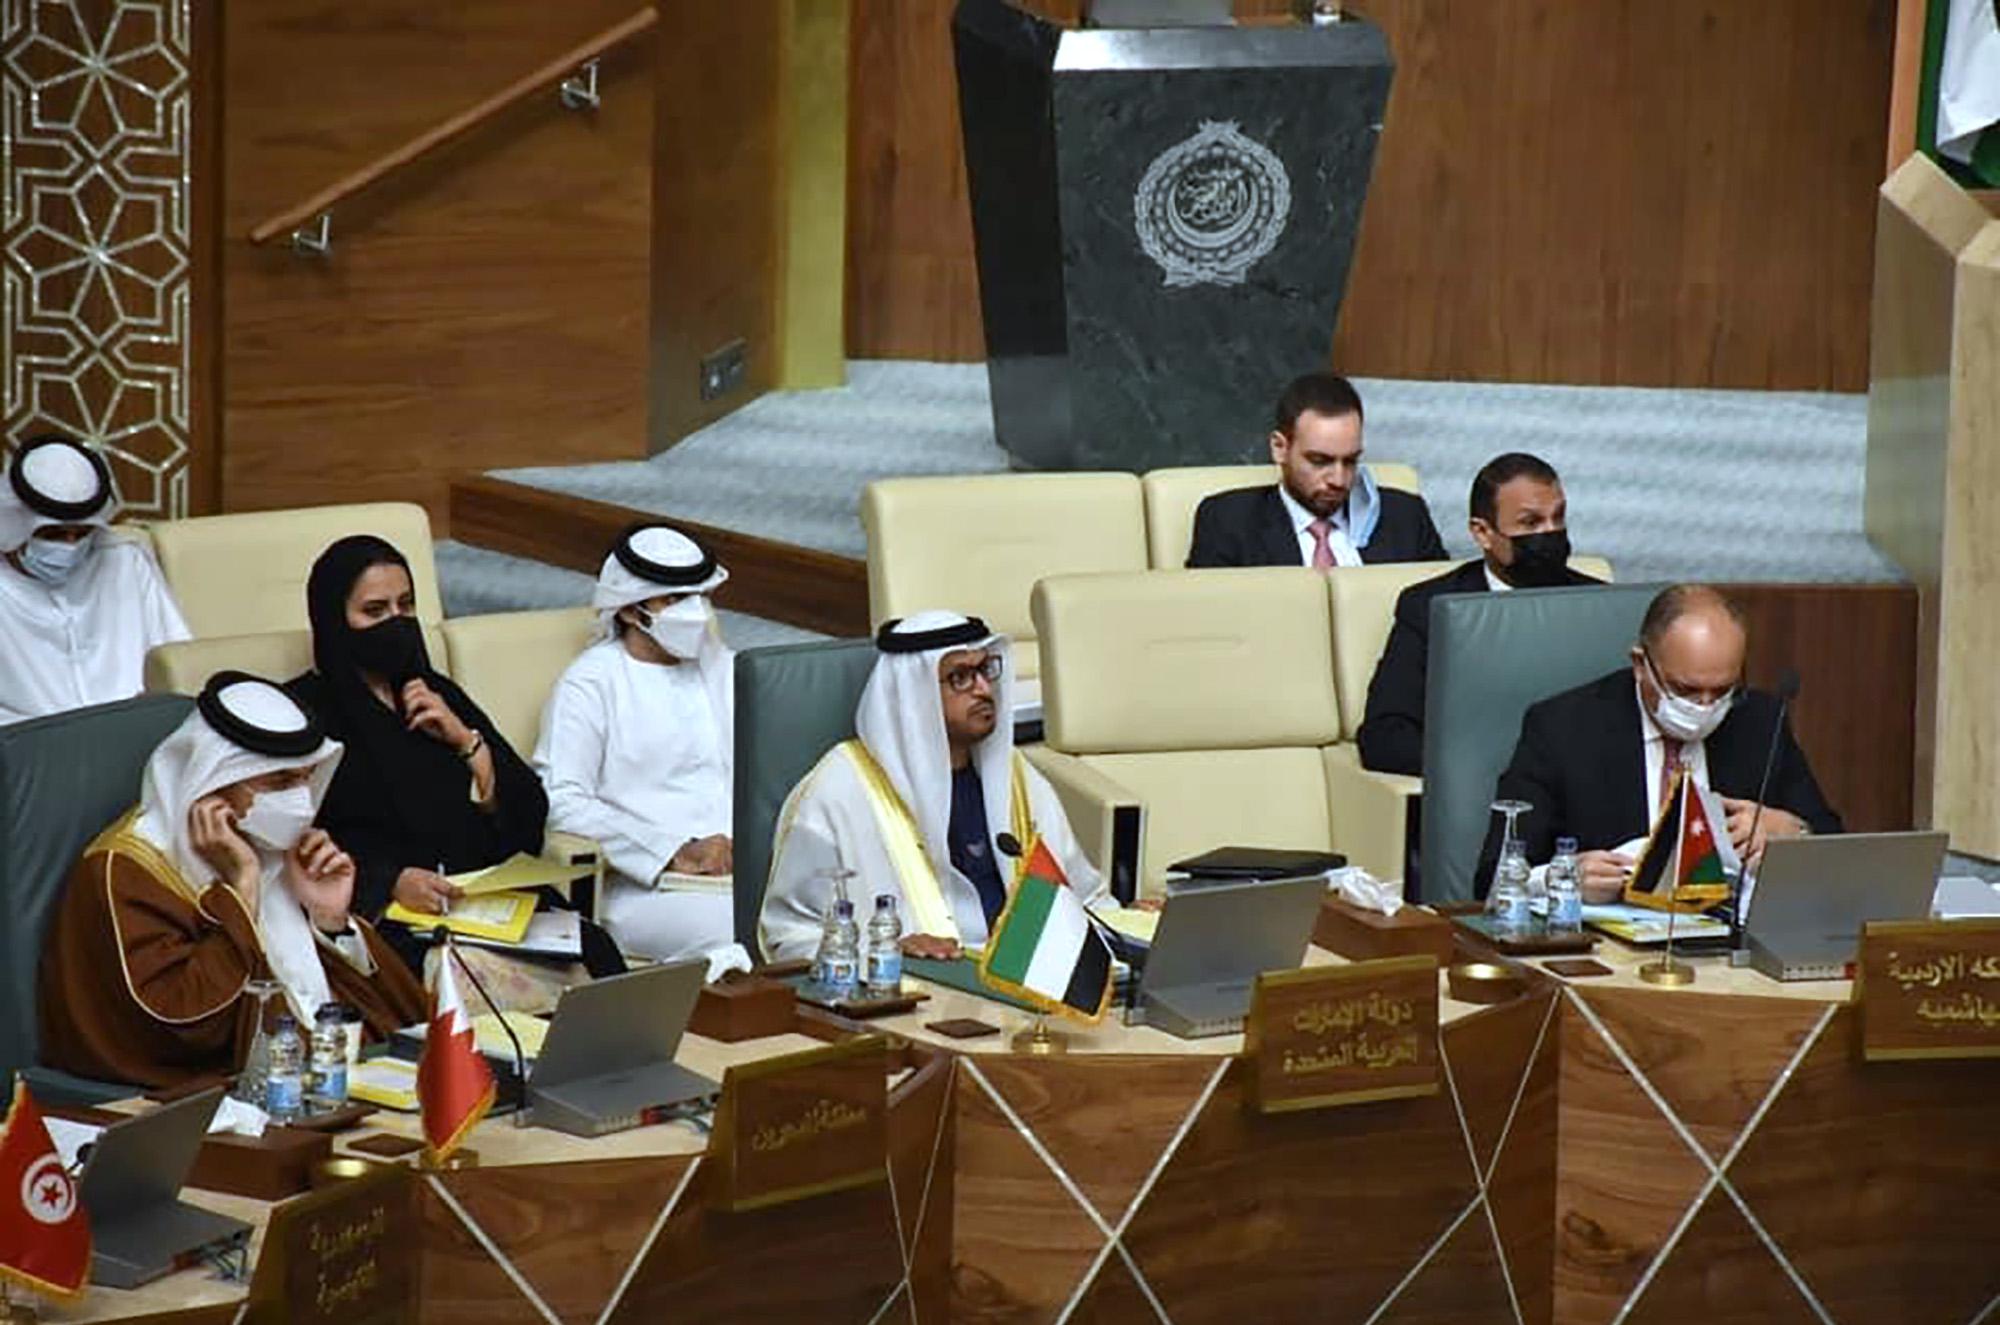 الامارات تشارك في اجتماعات المندوبين الدائمين لدى الجامعة العربية بالقاهرة